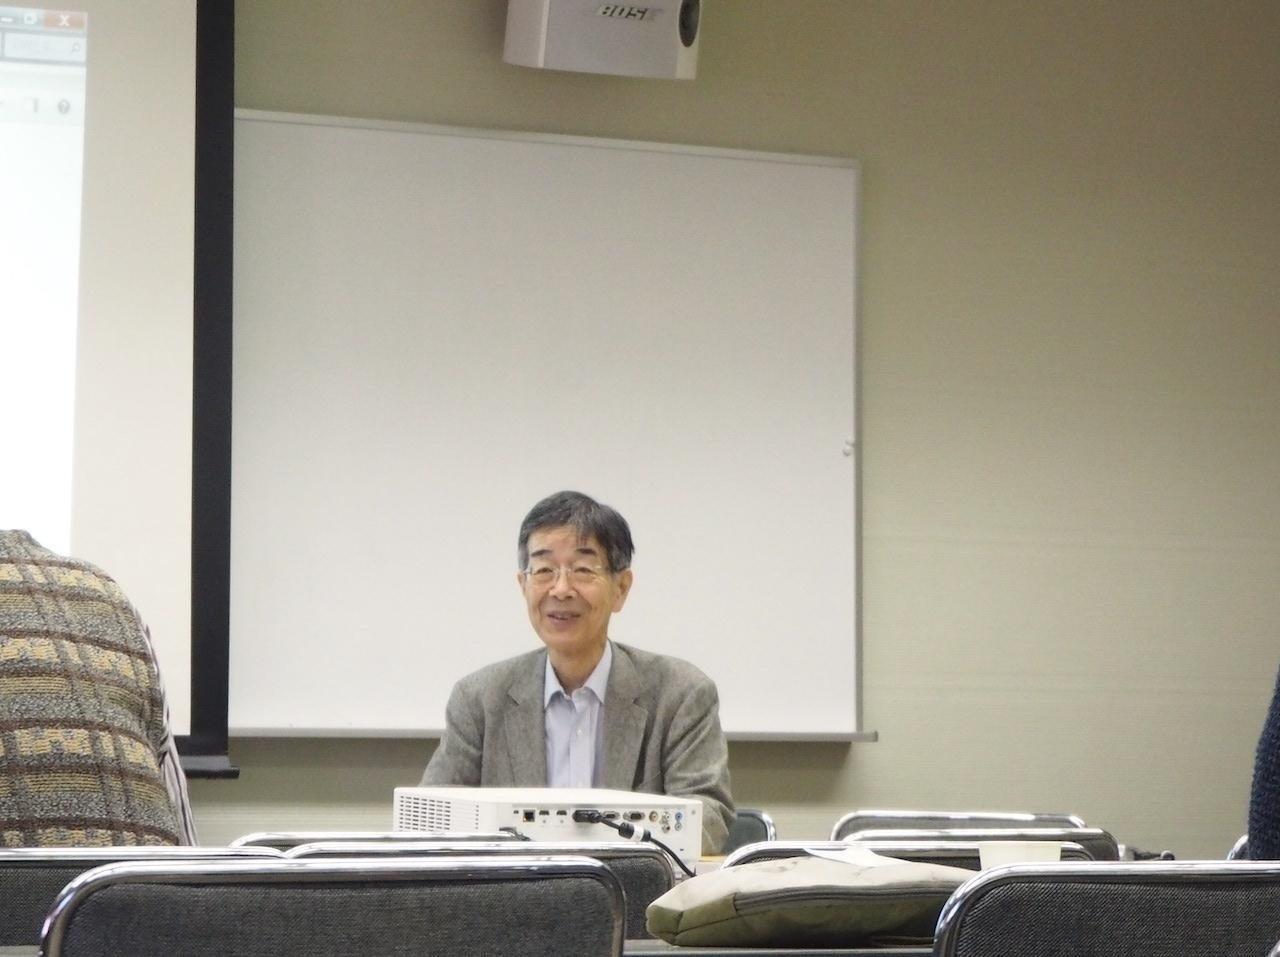 福島 至教授(本学法学部)